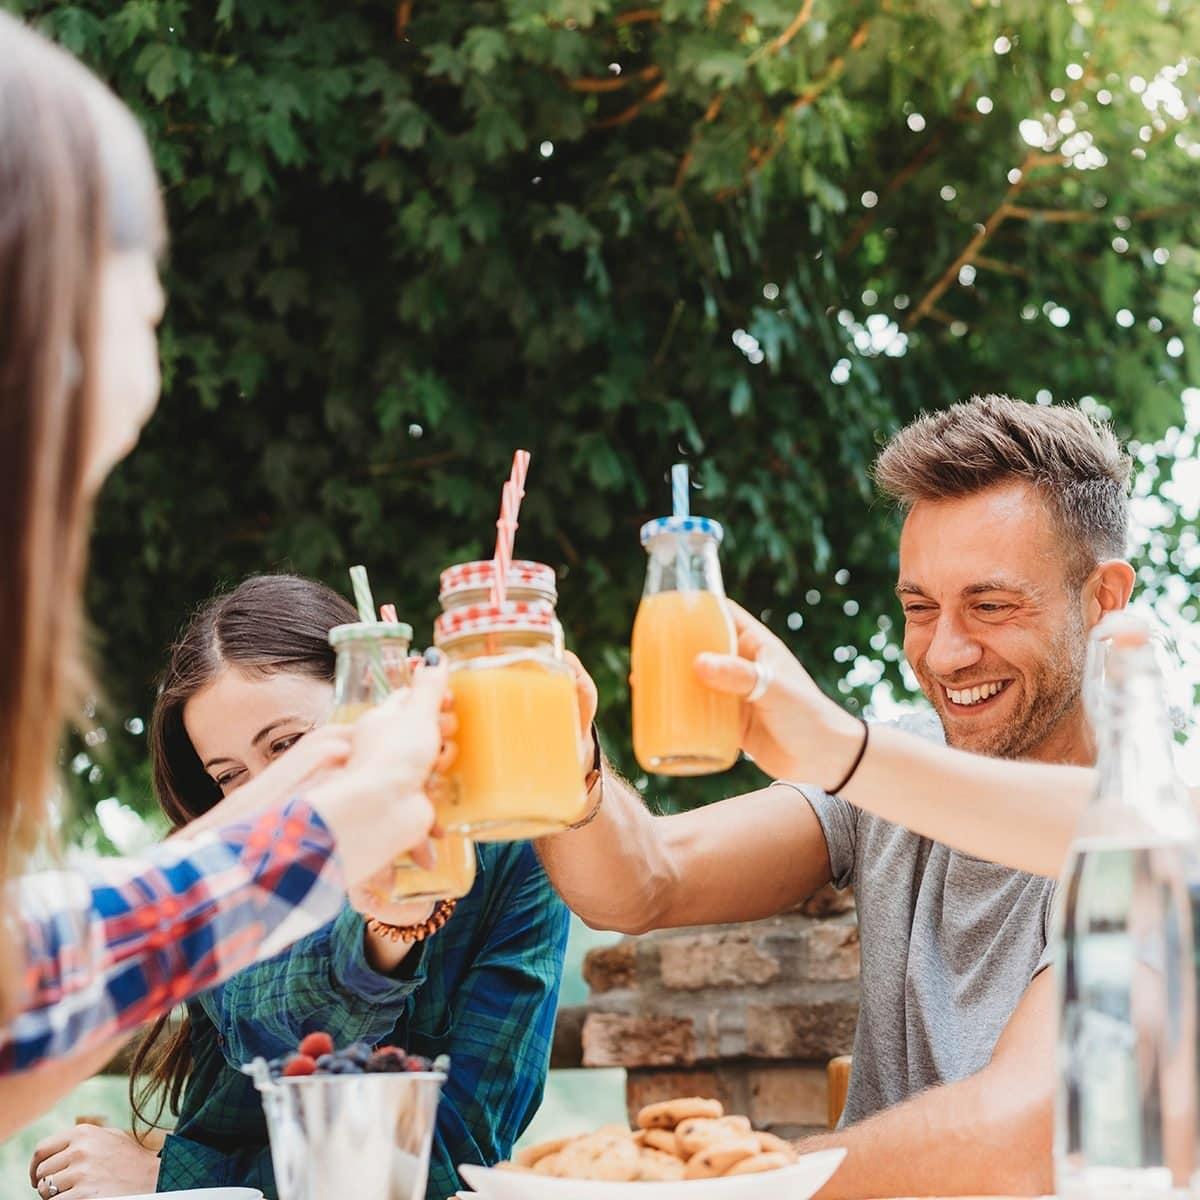 Grupo de amigos tomando un descanso en el campo juntos bebiendo jugos